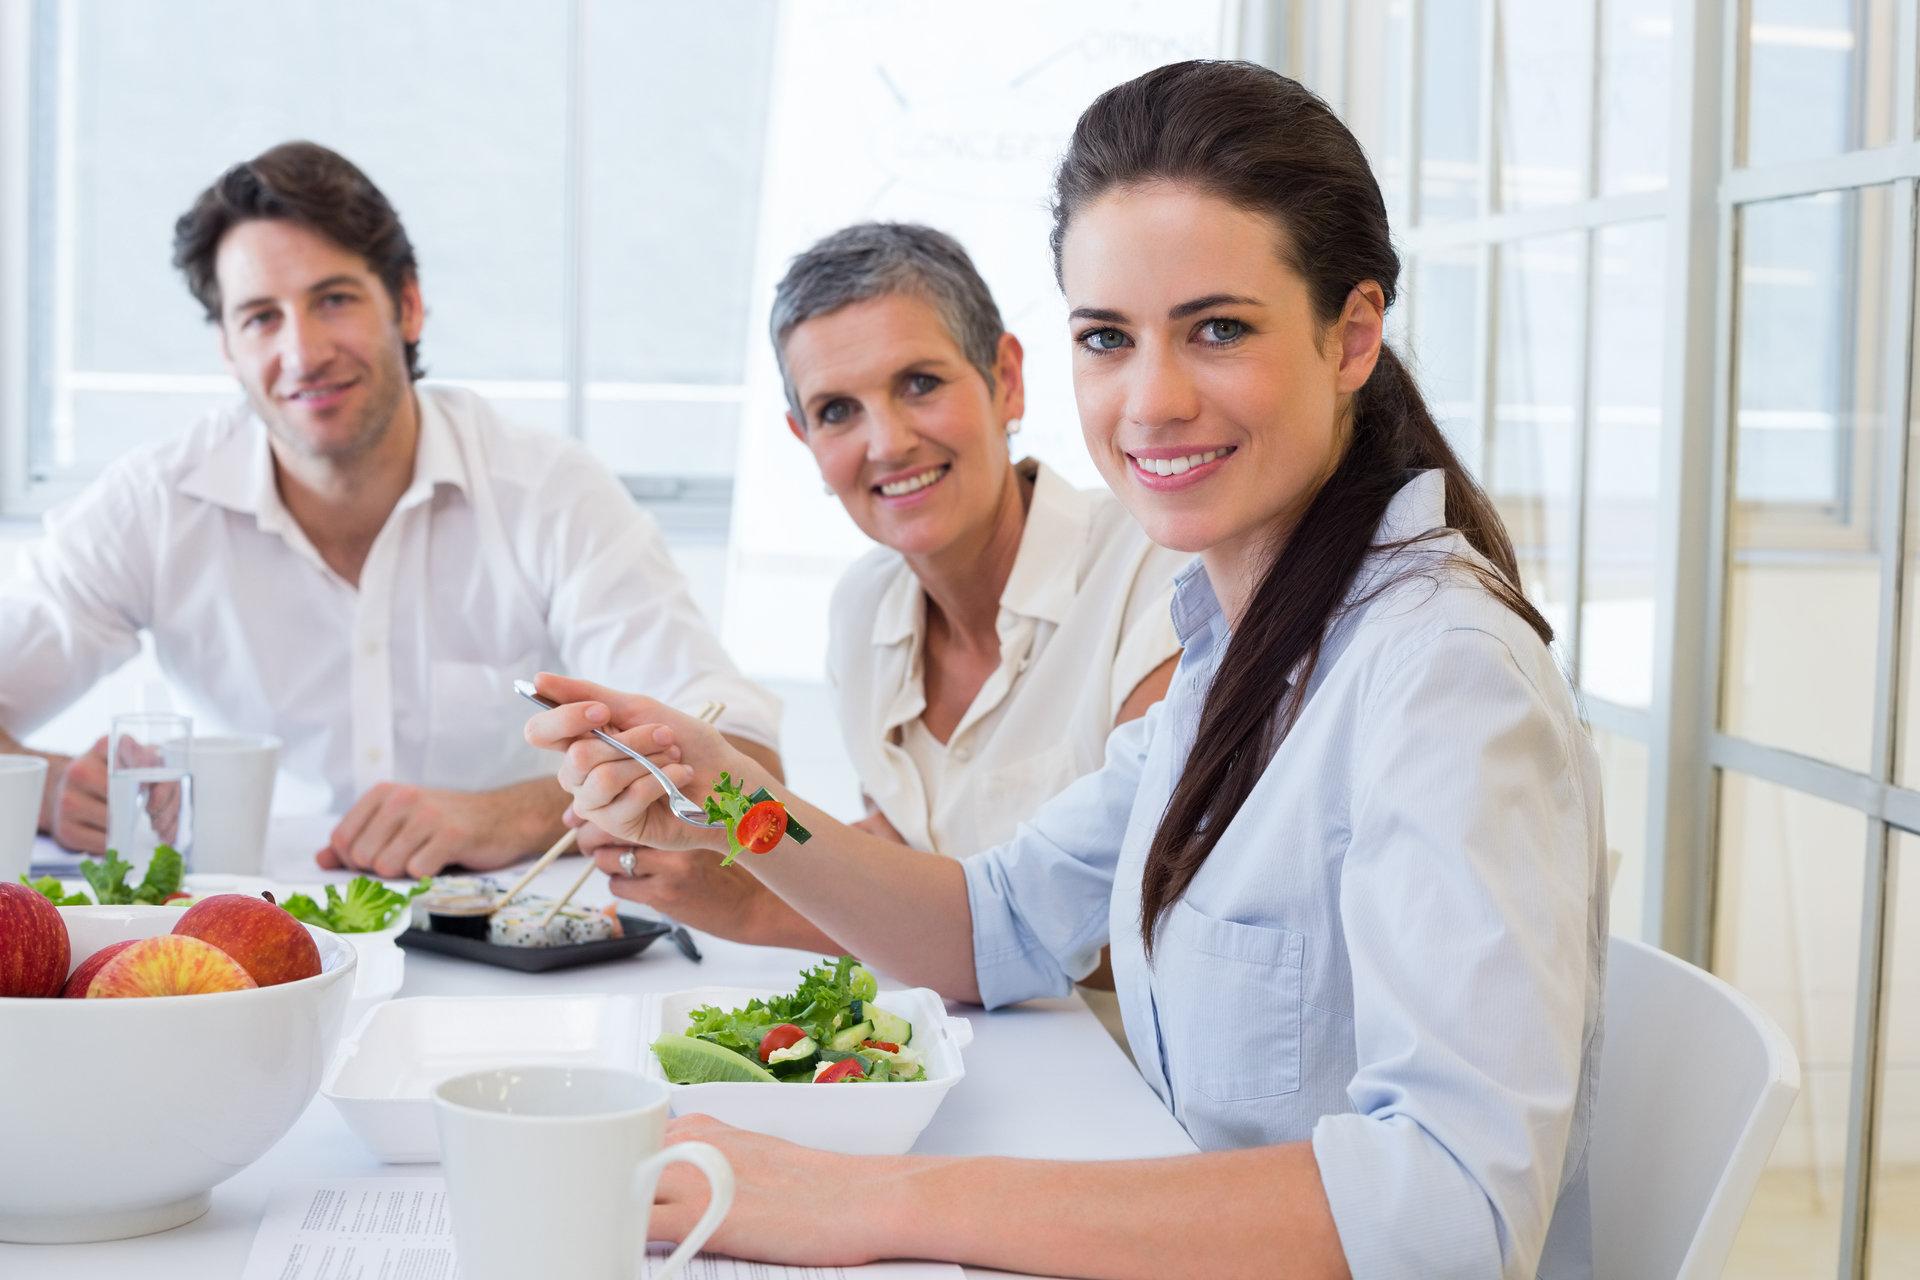 Dofinansowanie posiłków antidotum na L4